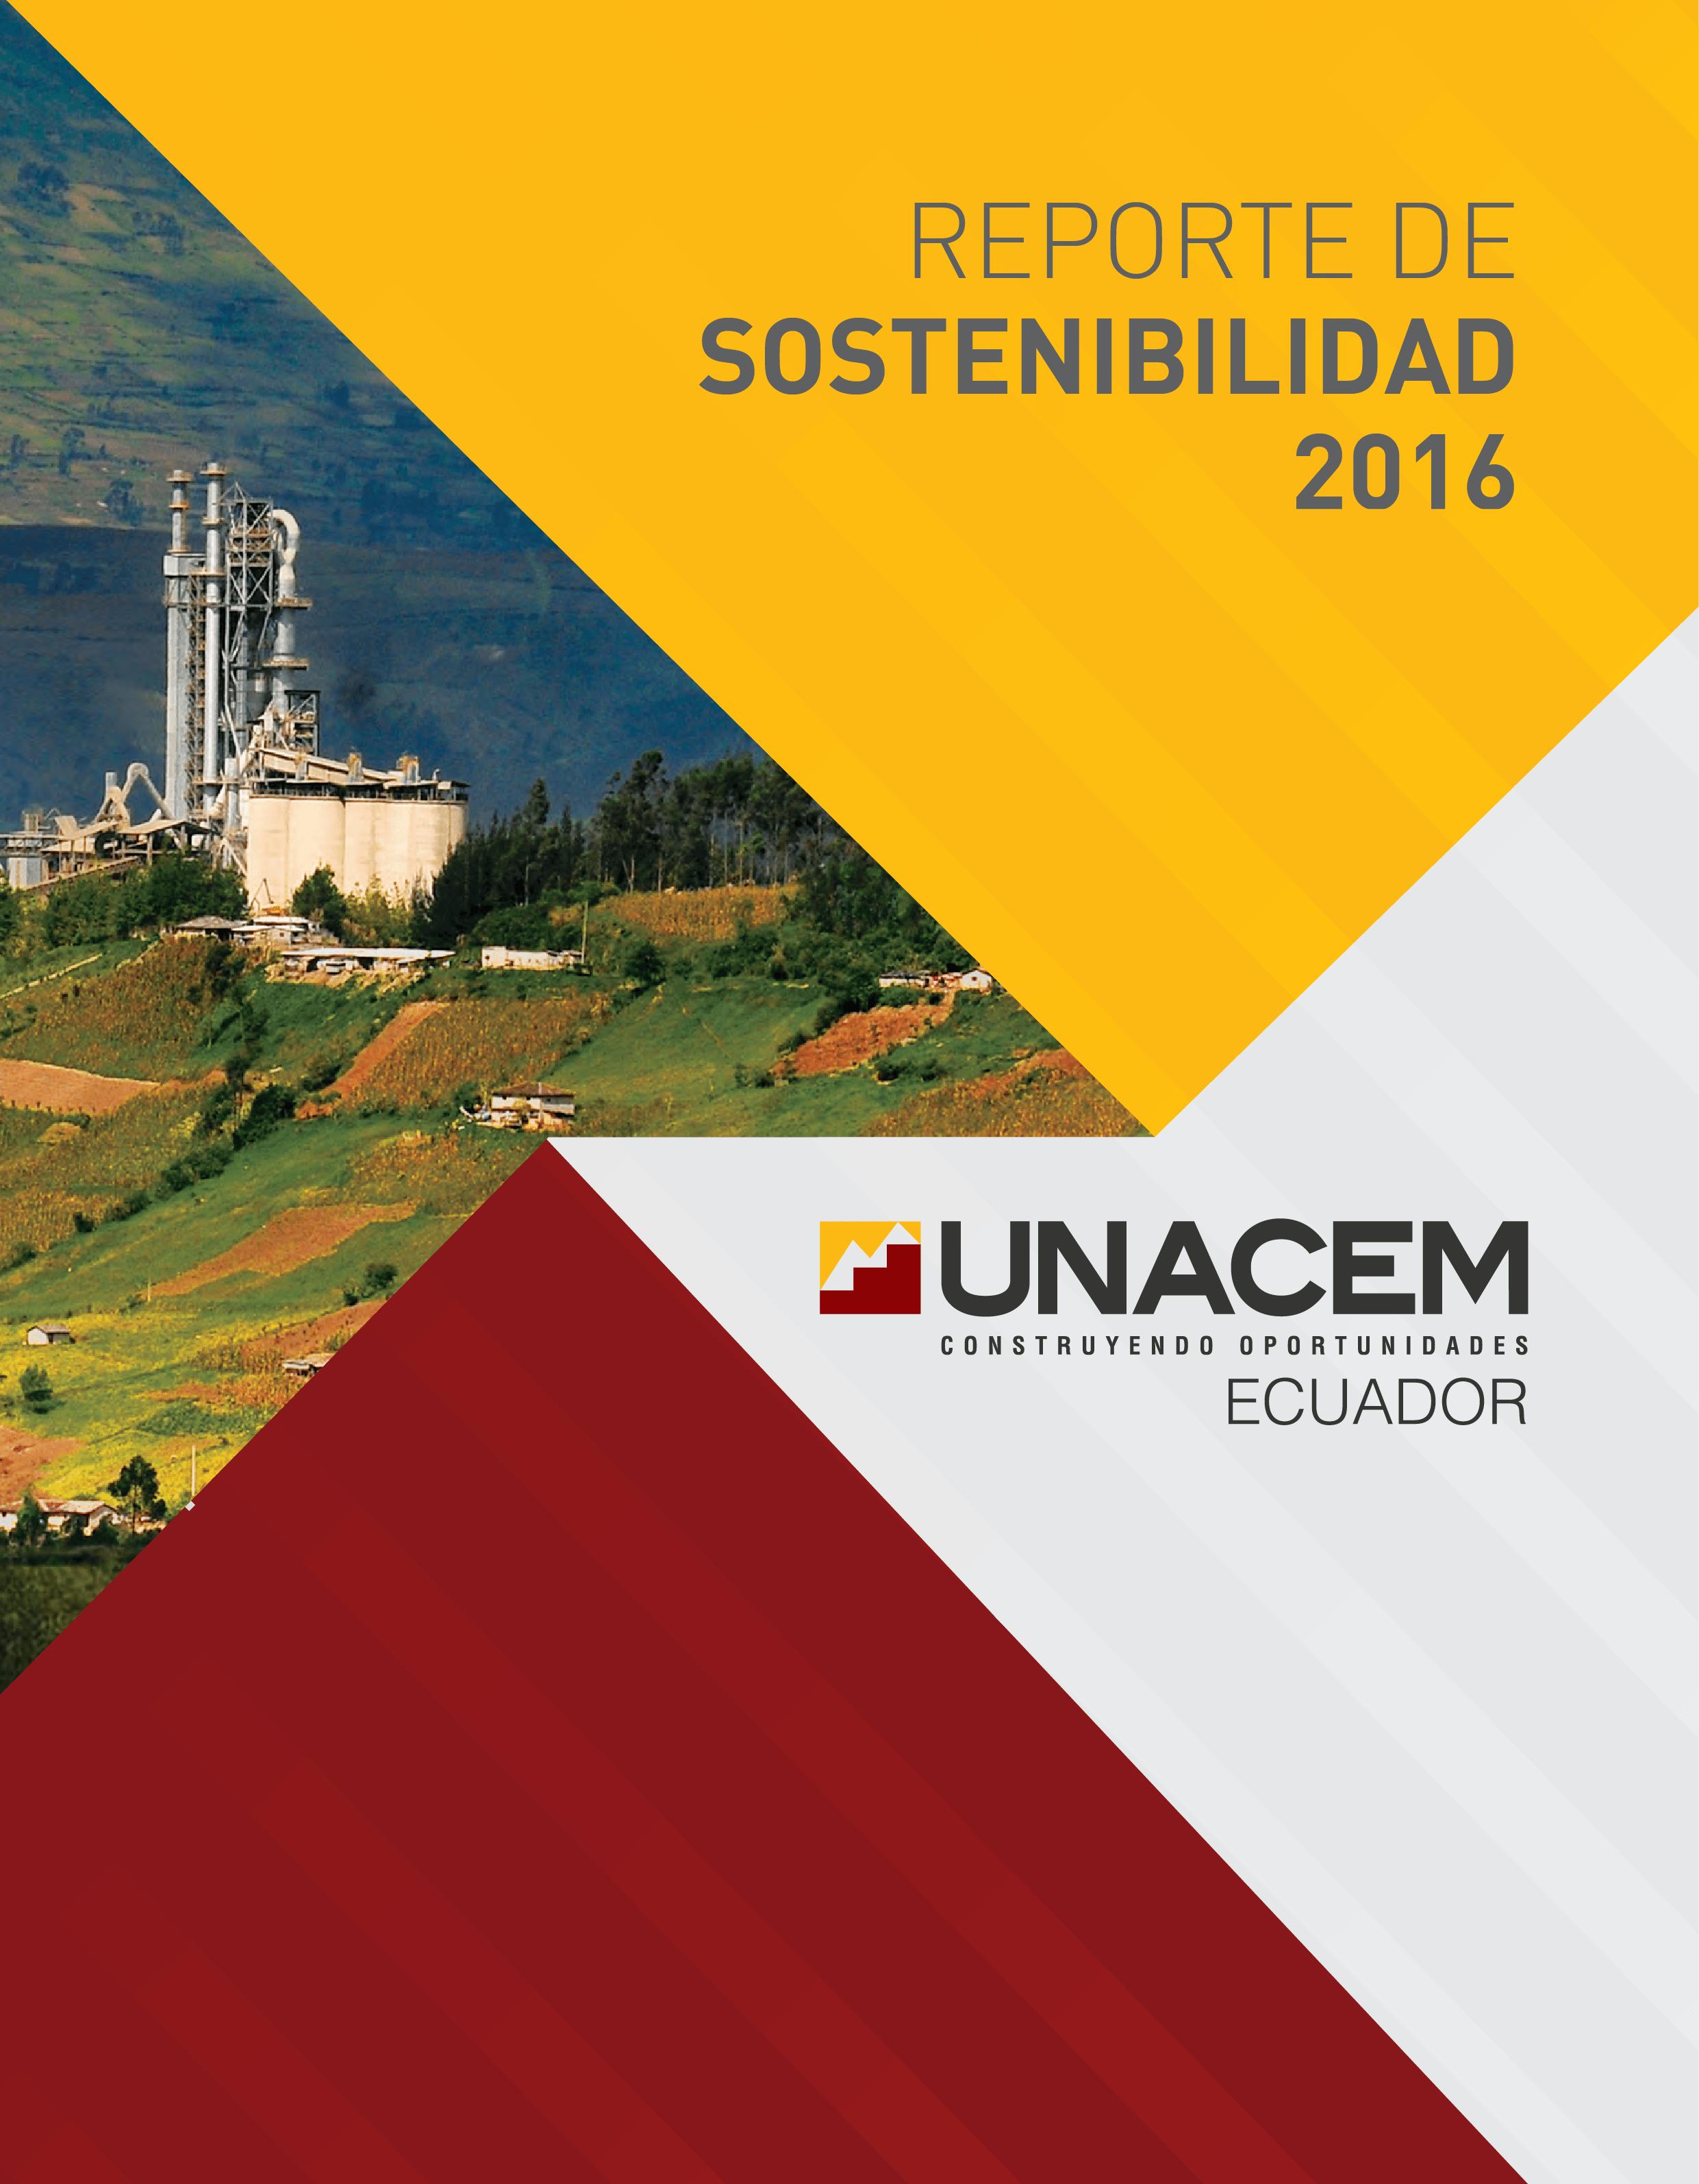 UNACEM Ecuador presenta su  Reporte de Sostenibilidad 2016